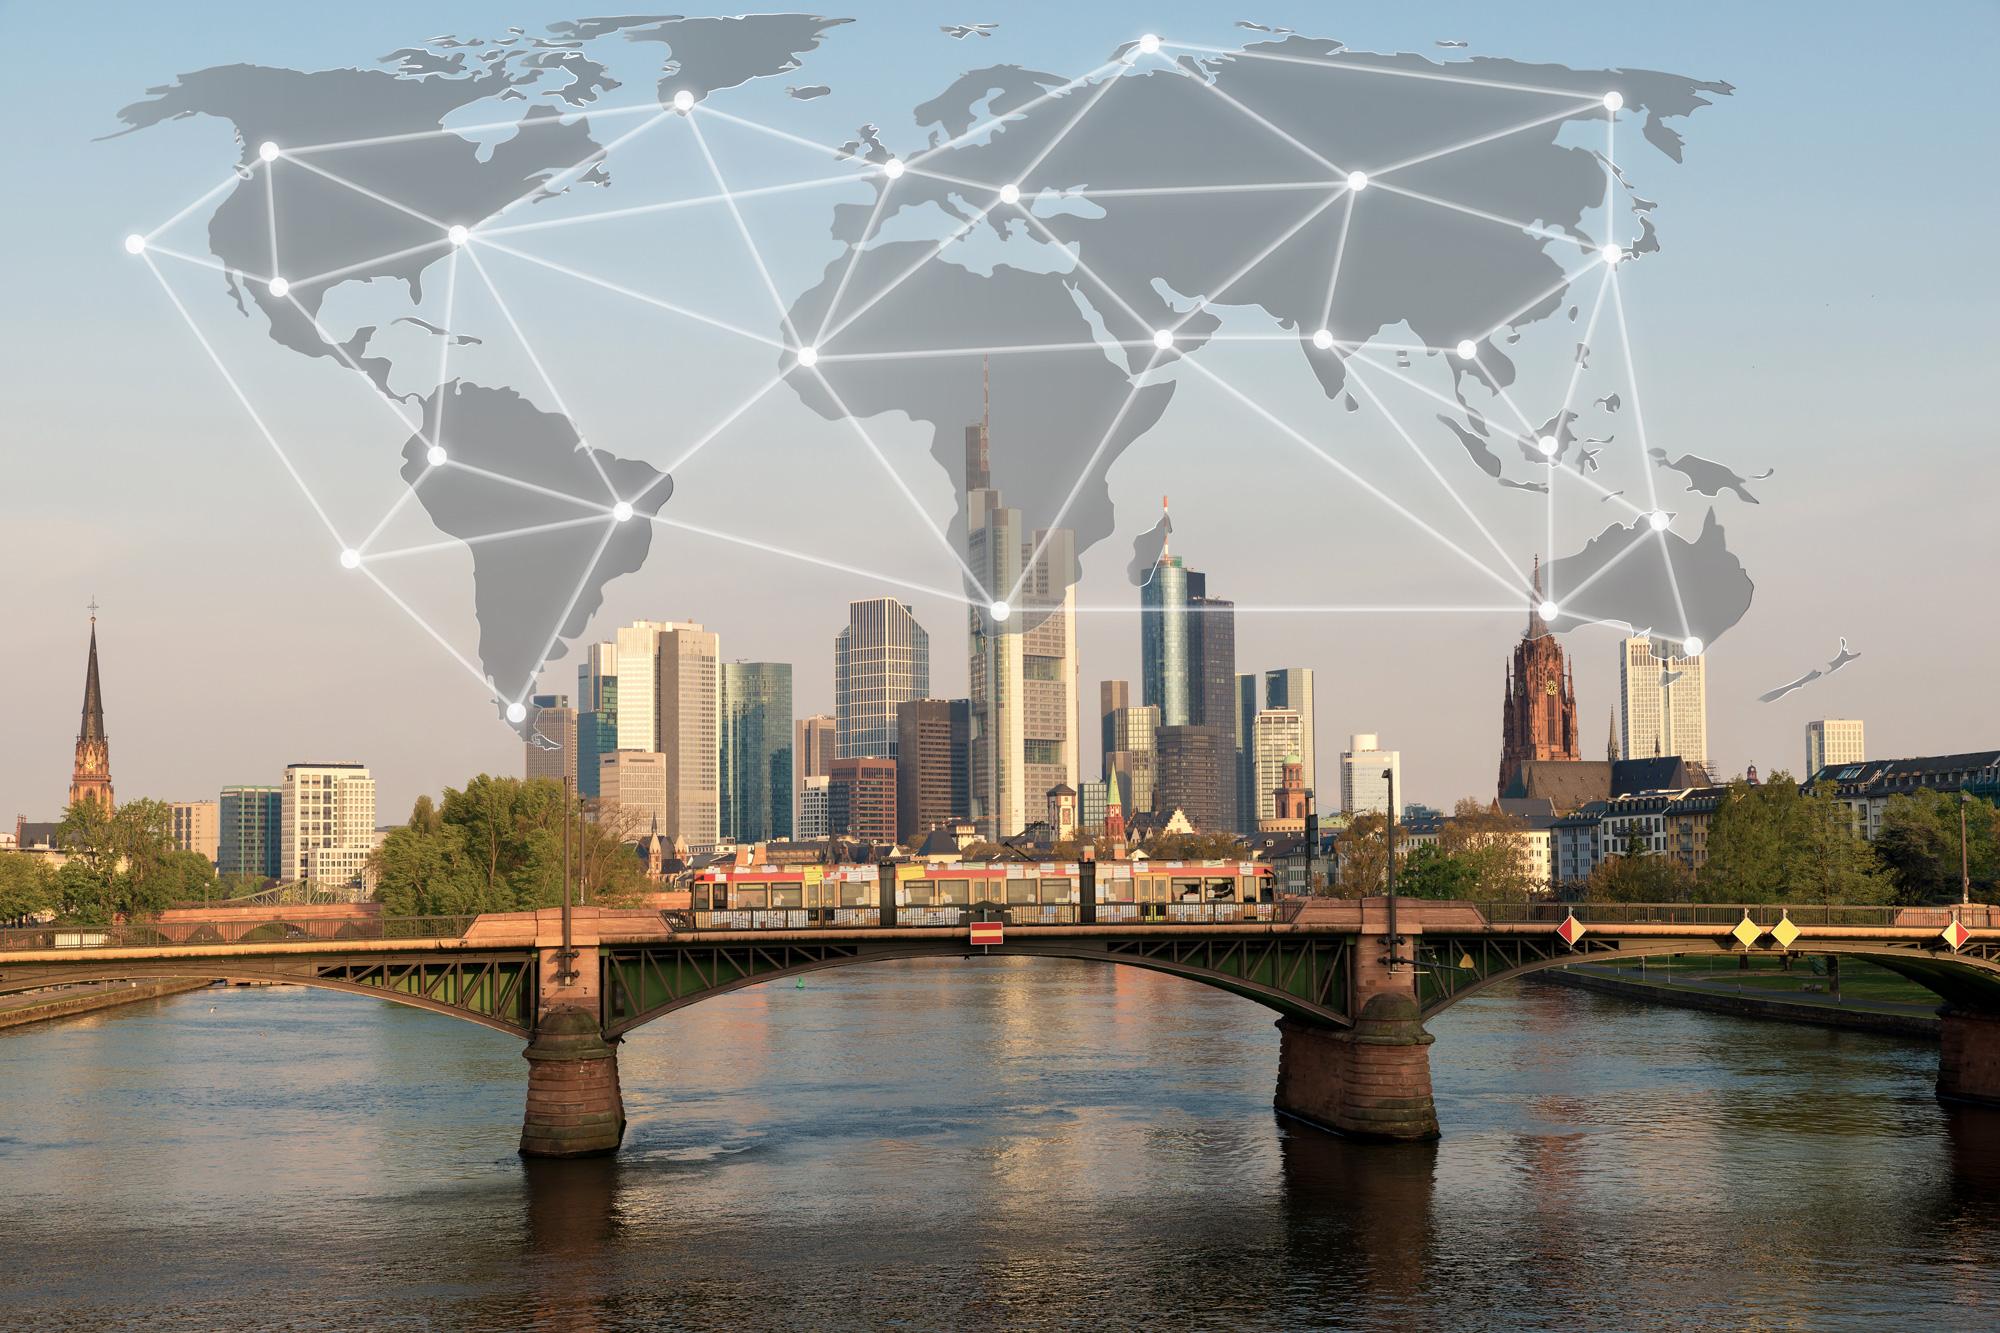 Verbindung der modernen und digitale Welt